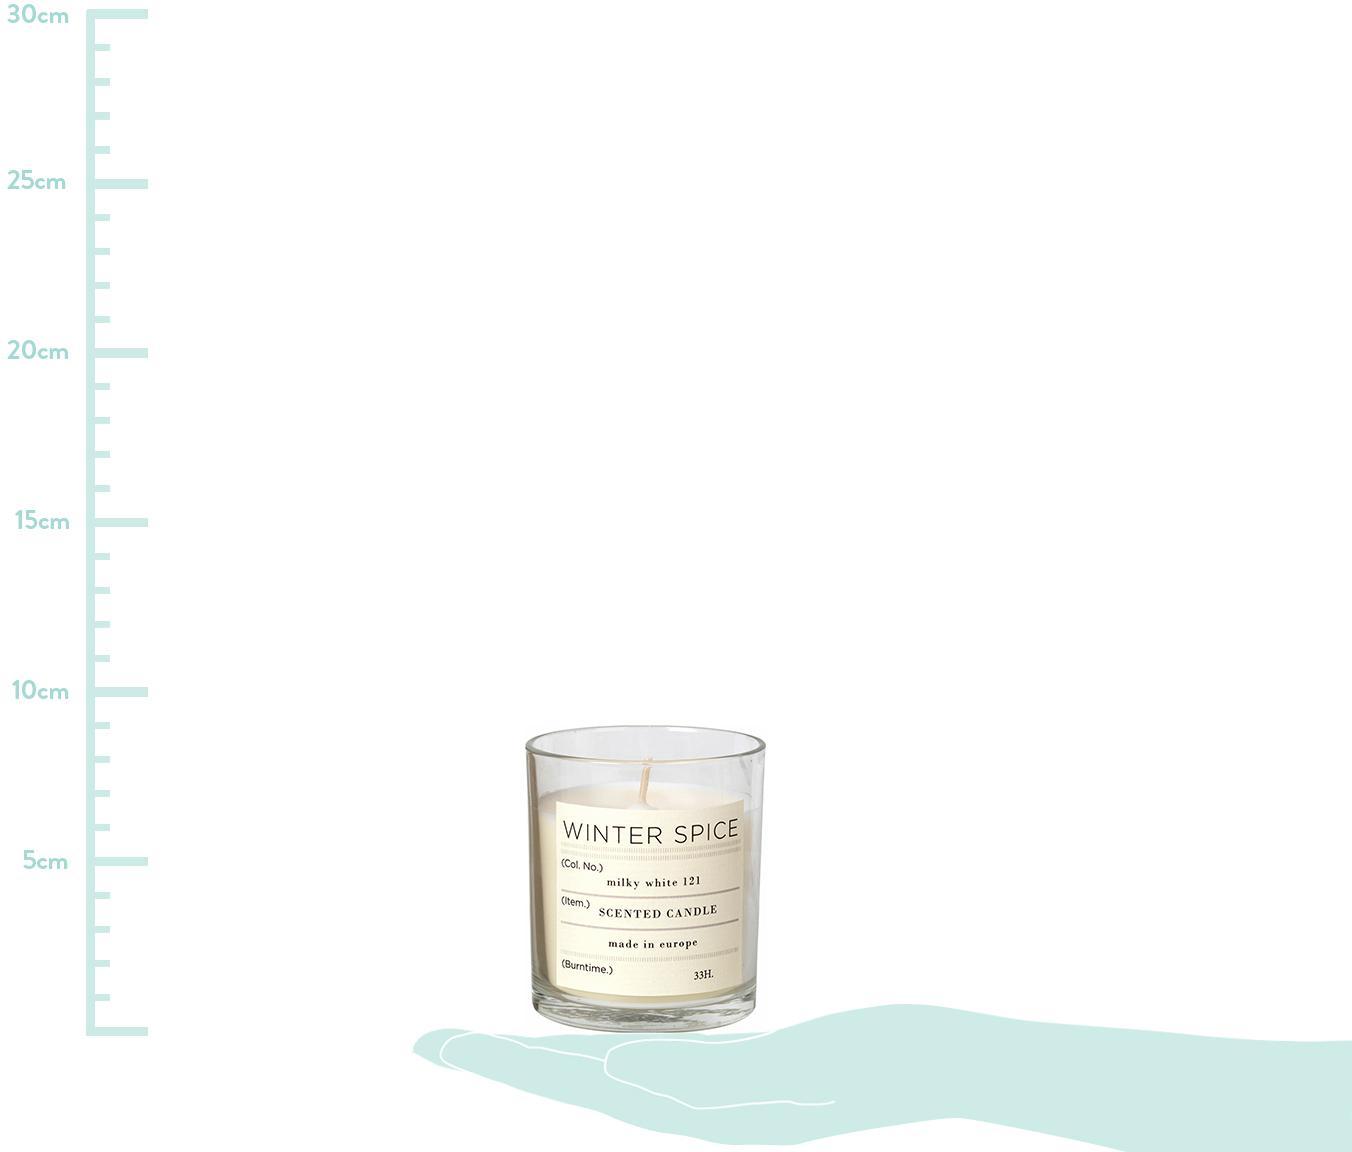 Duftkerze Winter (Zimt), Behälter: Glas, Behälter: TransparentDuftkerze: Weiß, Ø 7 x H 8 cm